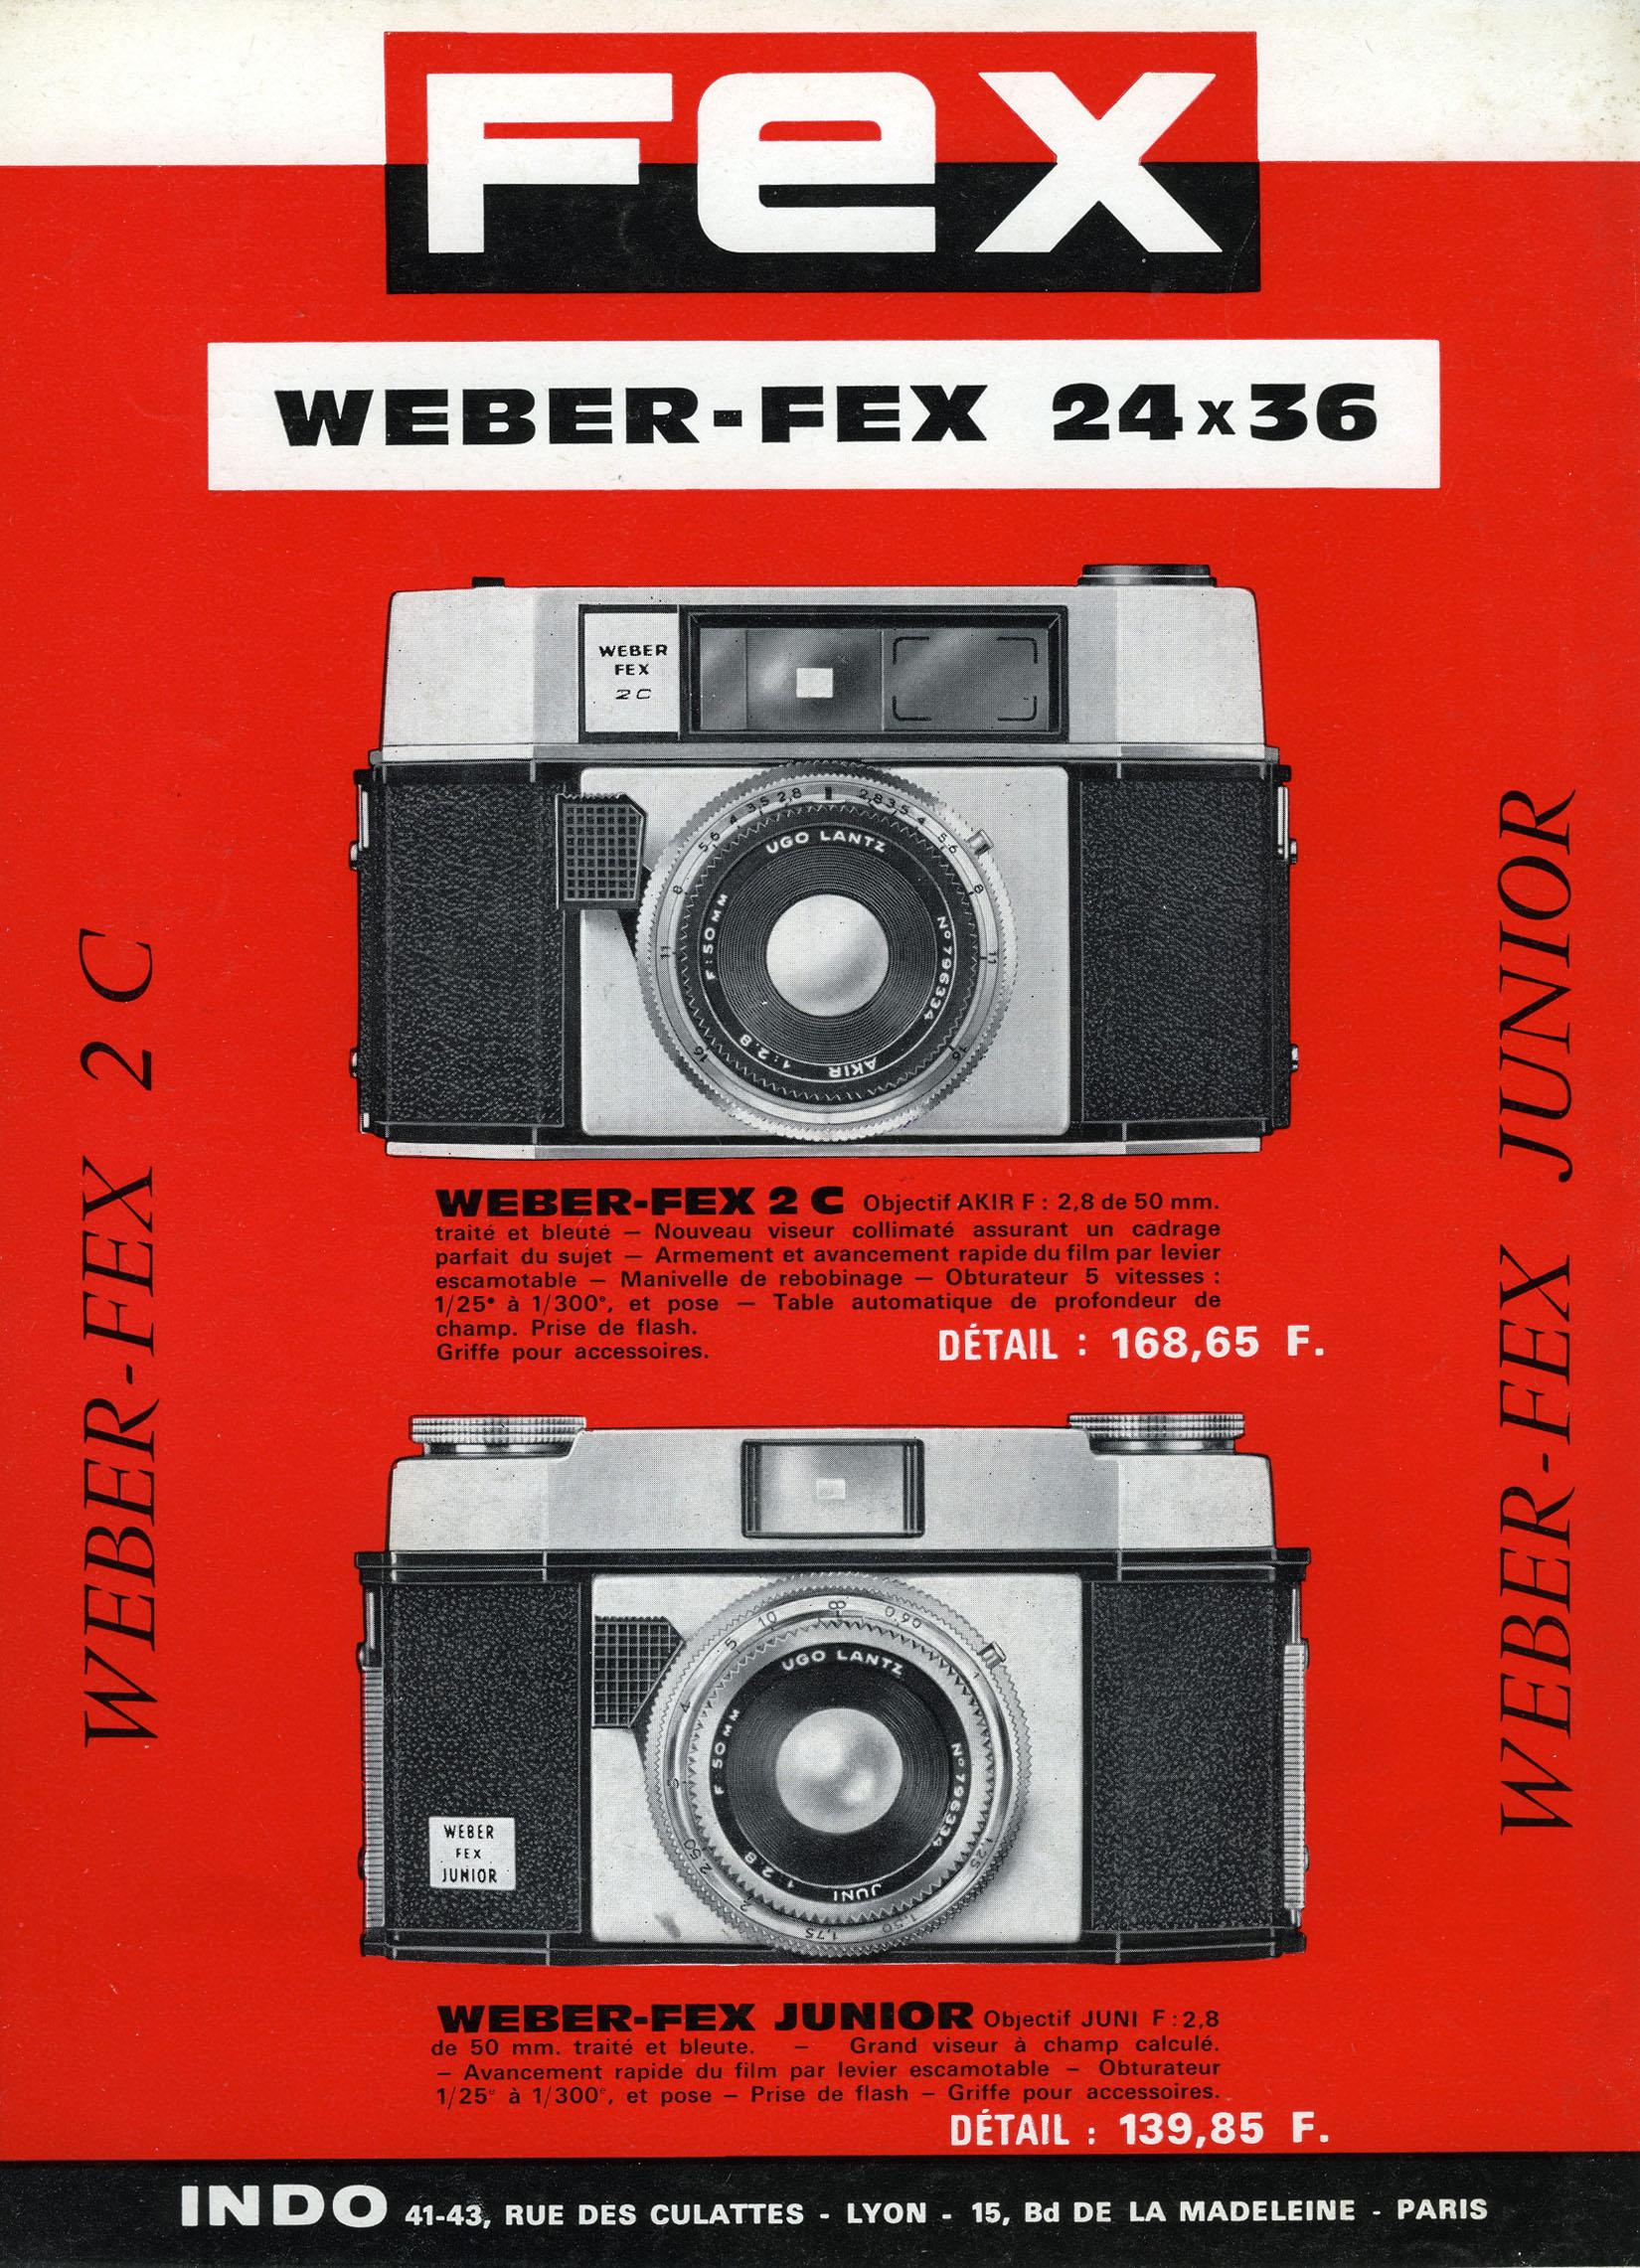 Wallpaper 1546-3  FEX  Weber-fex bleu, collection AMI Appareils photos